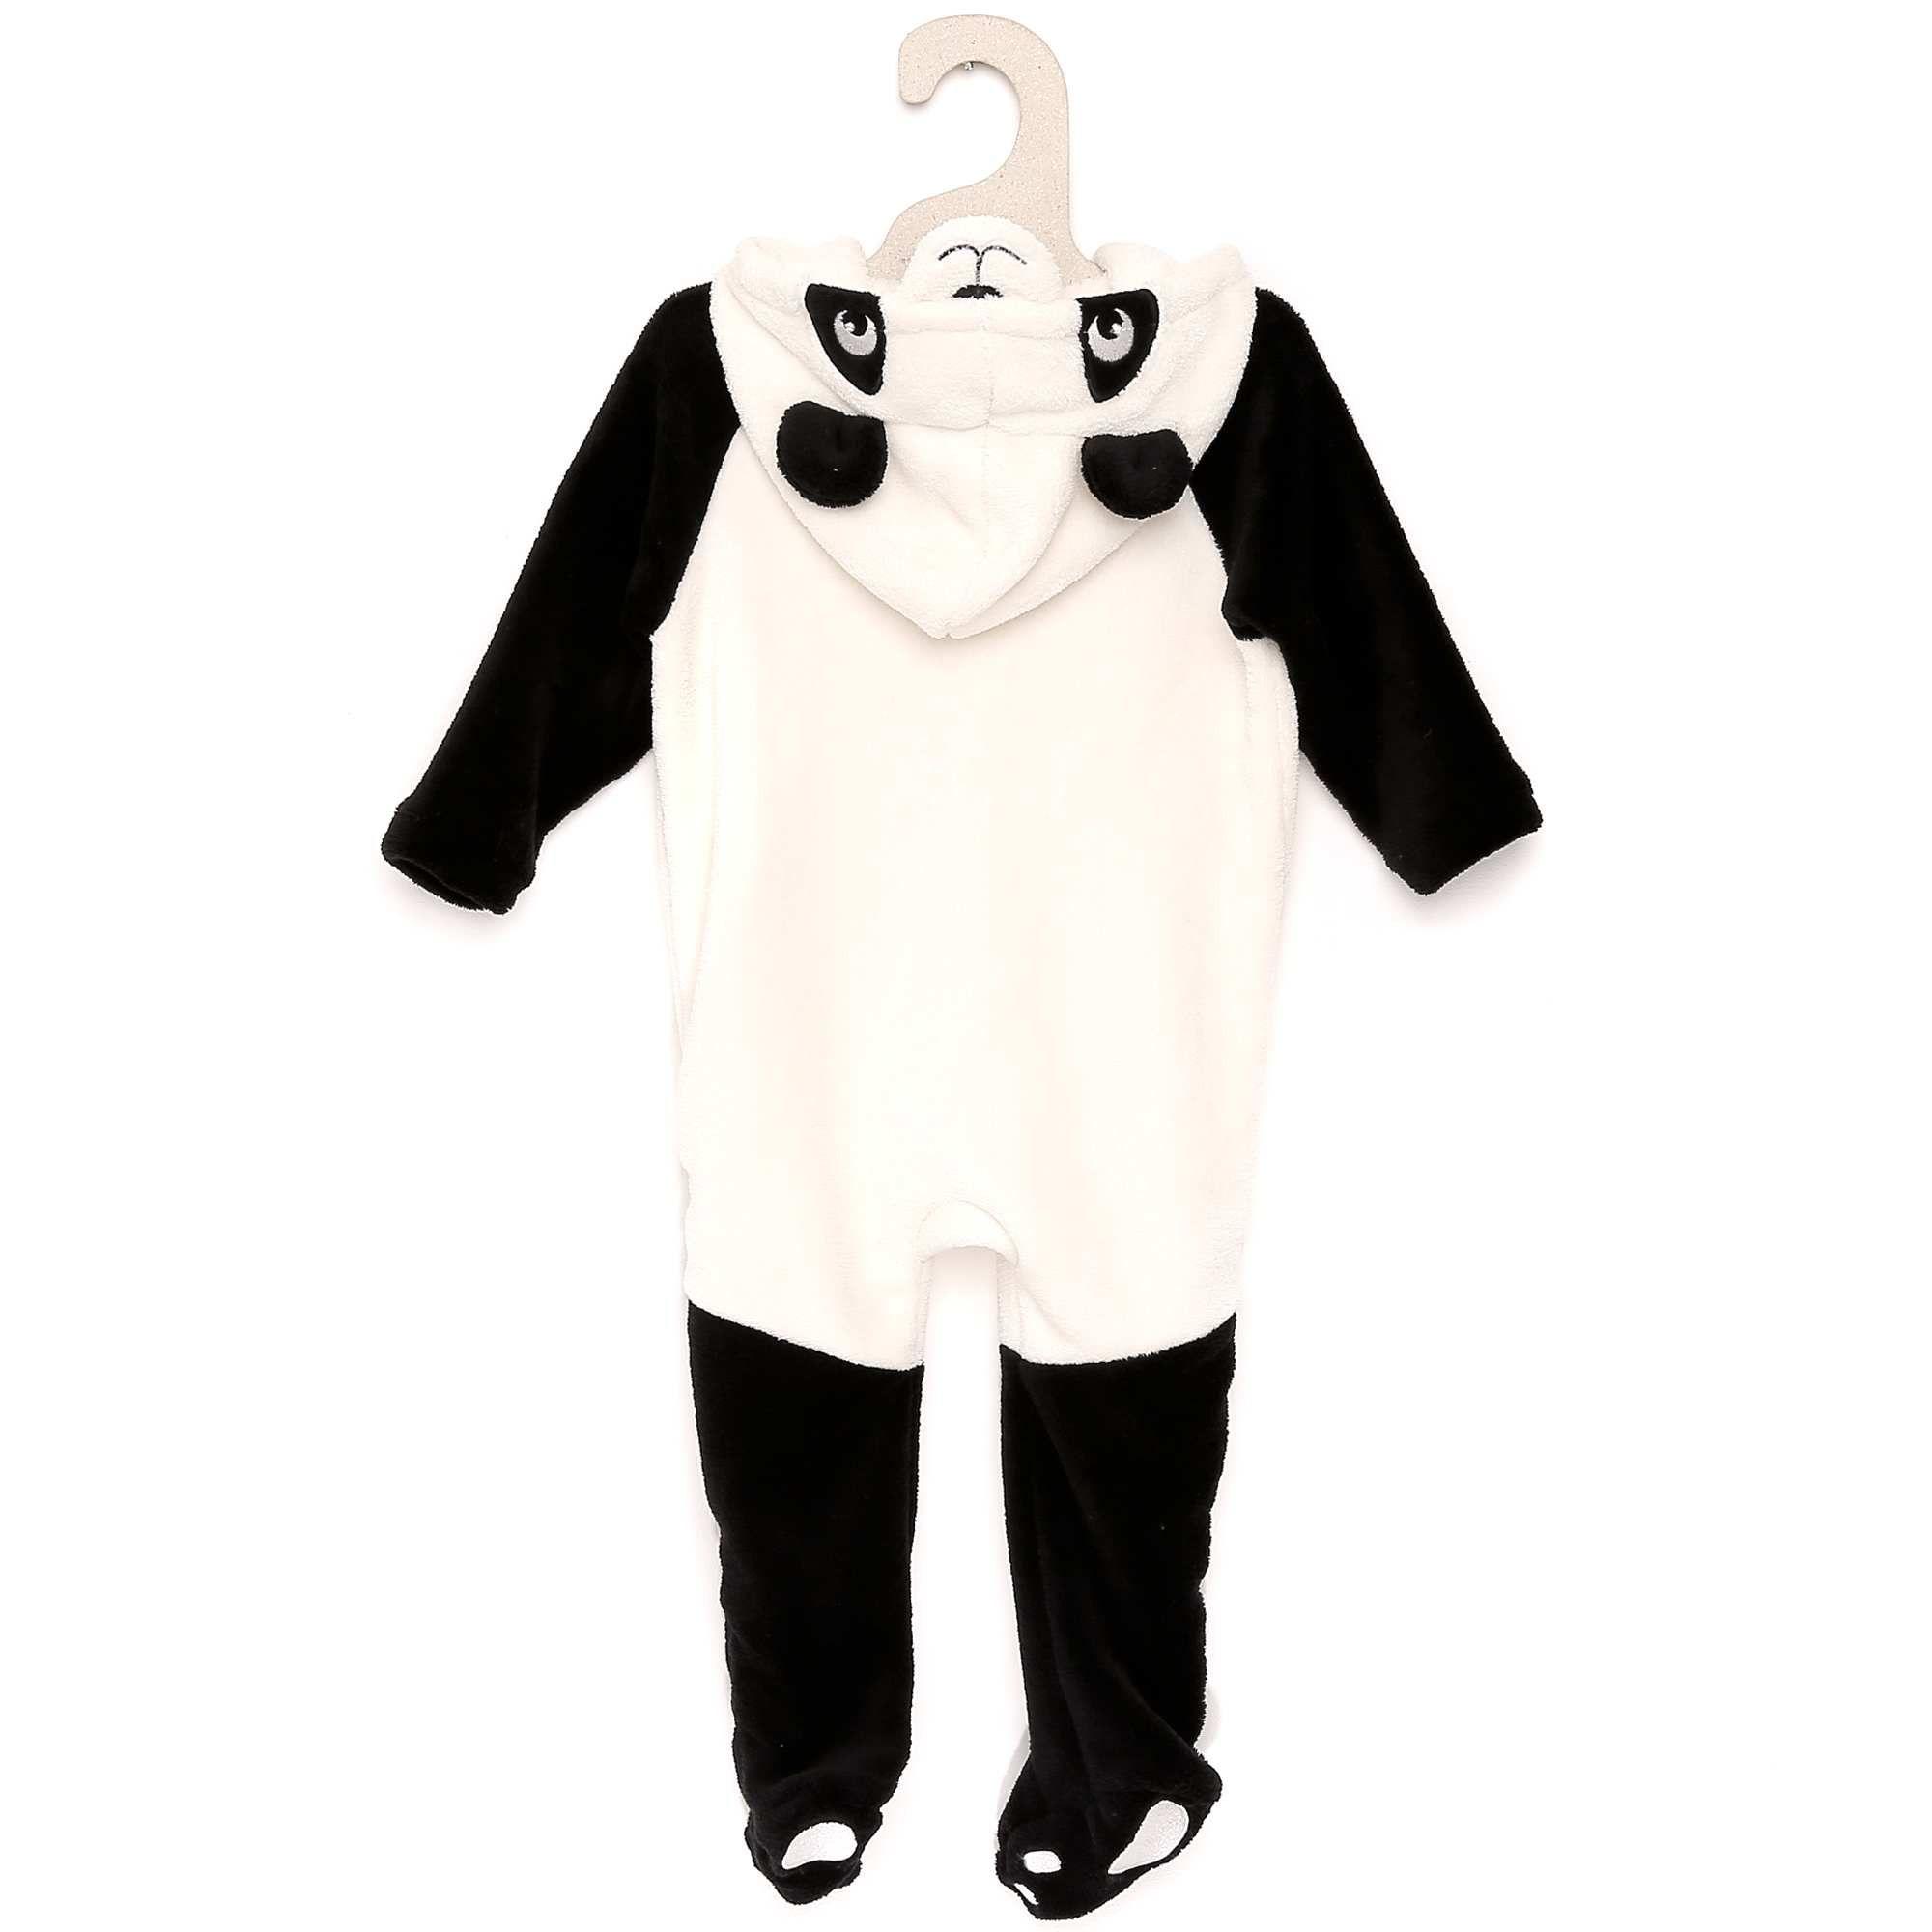 6010259d8aa68 9€ kiabi Surpyjama déguisement animal panda Bébé garçon